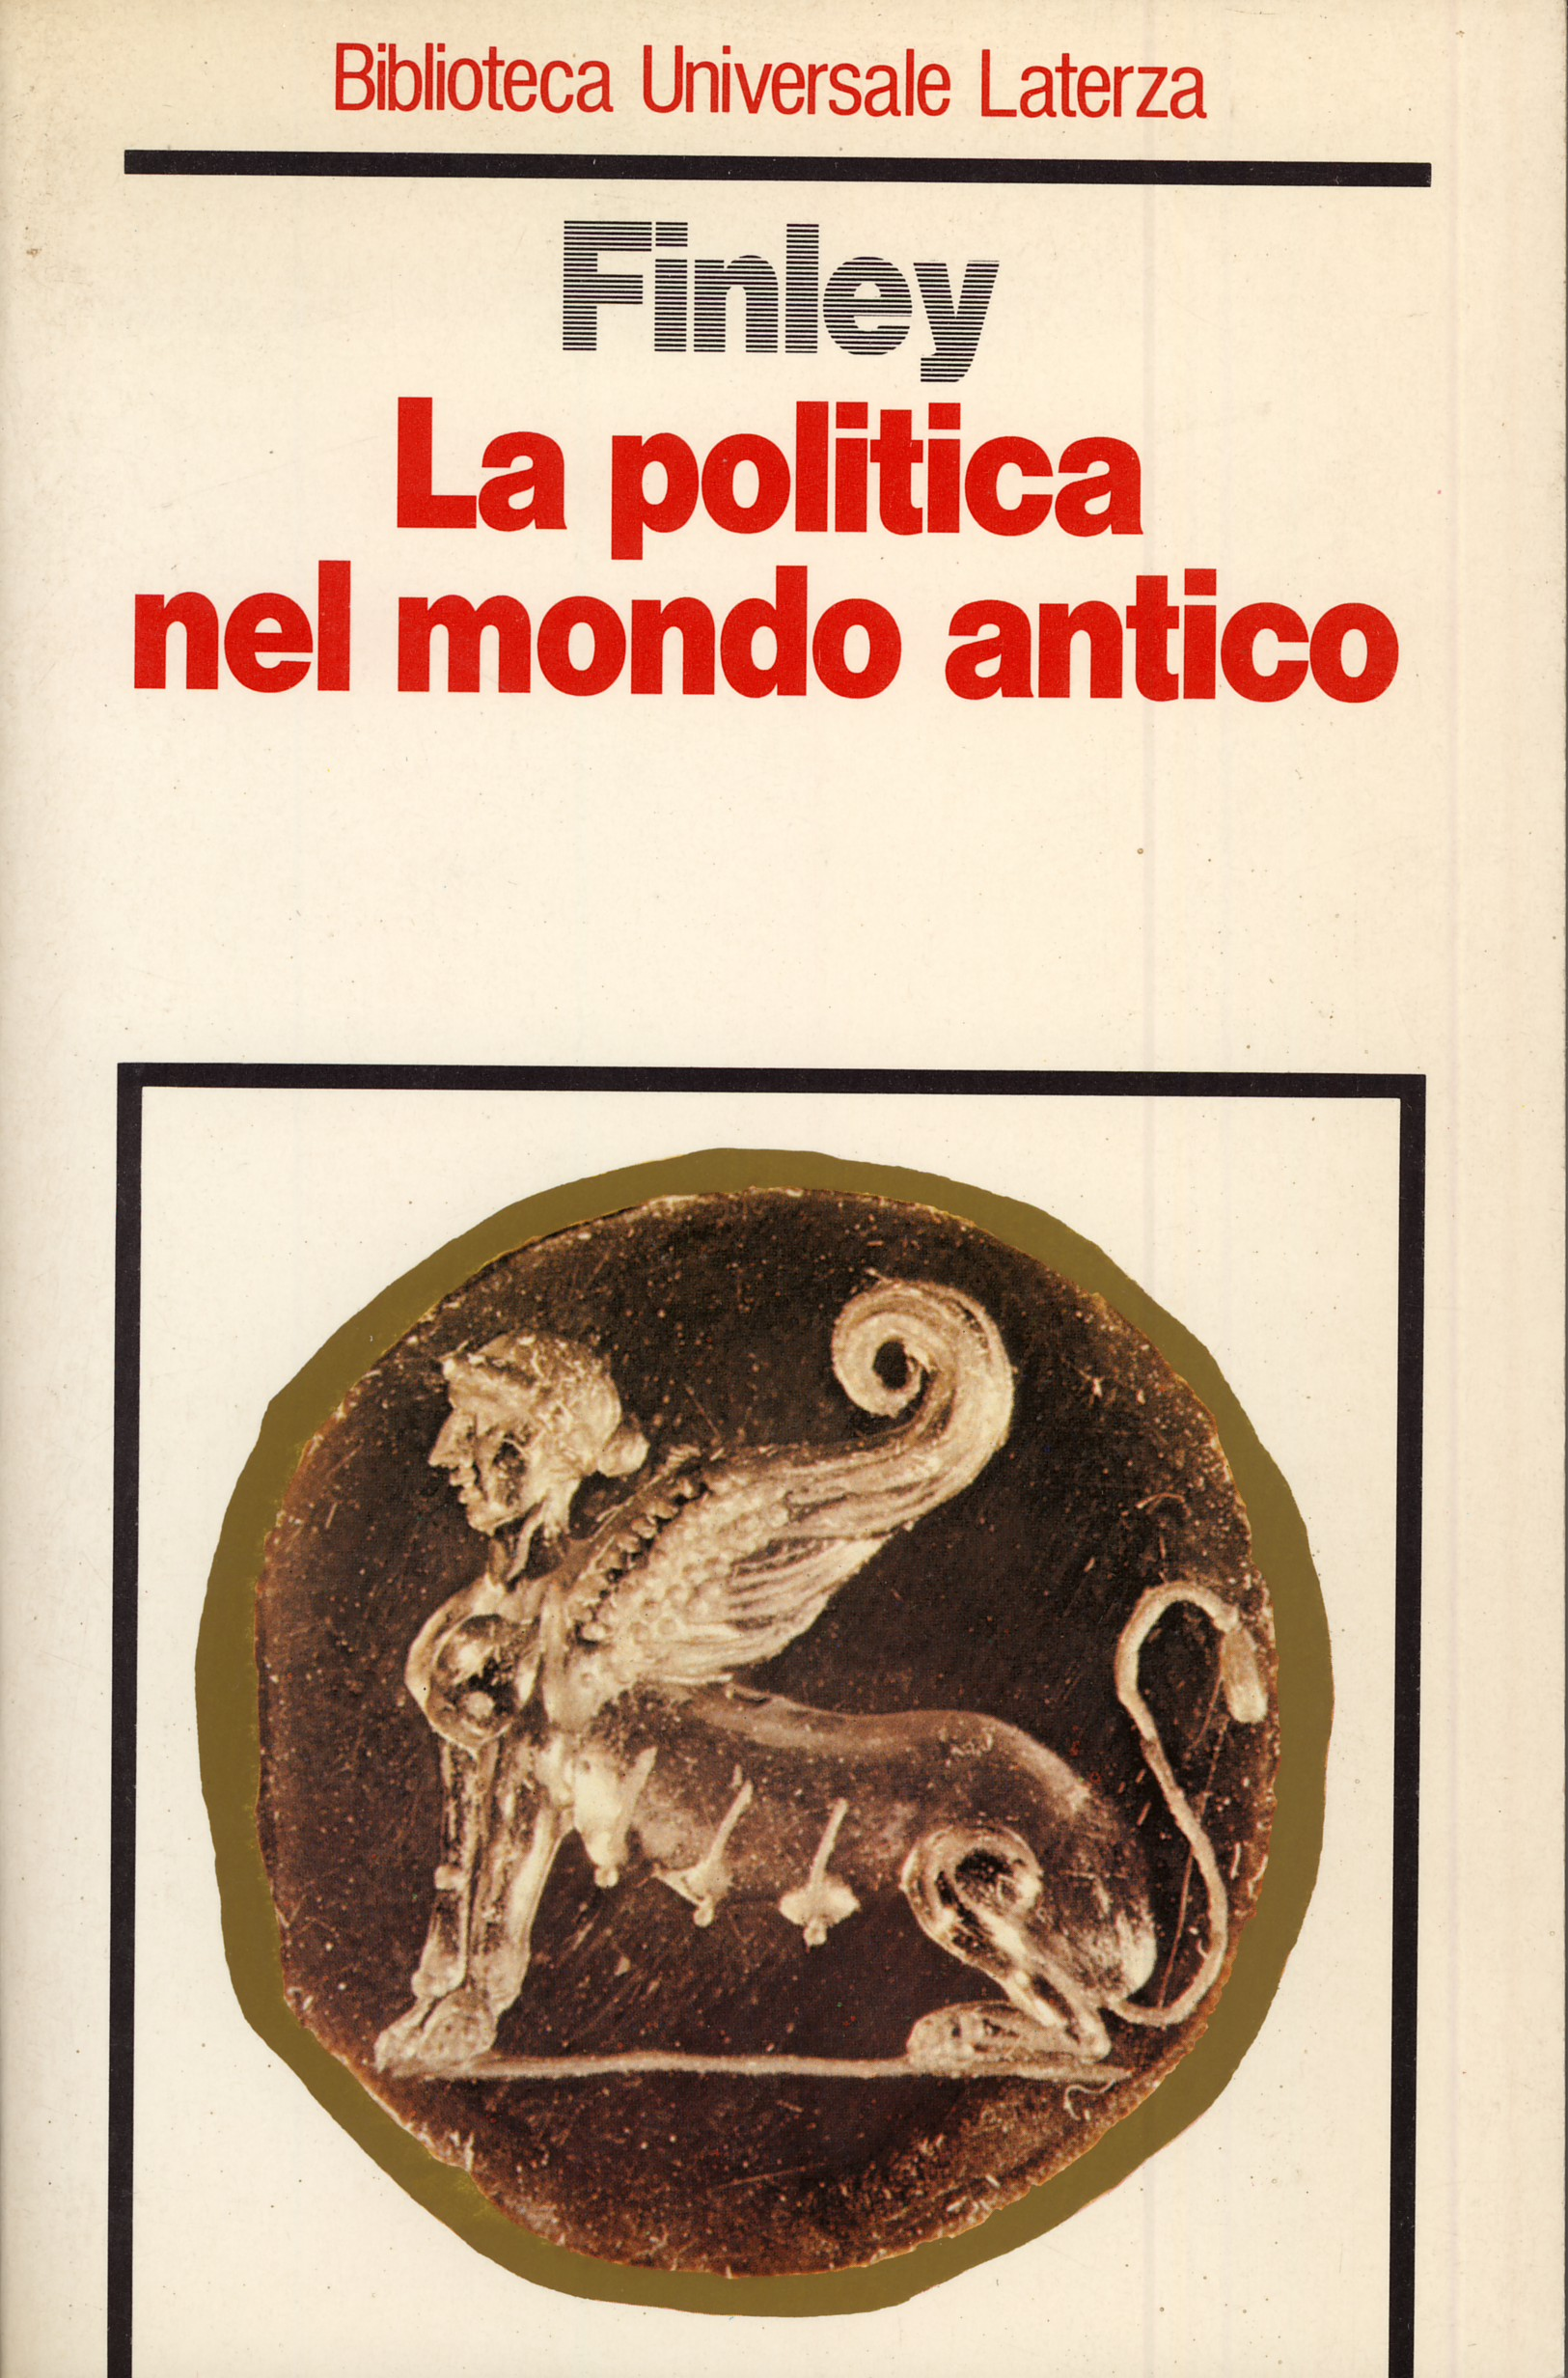 La politica nel mondo antico